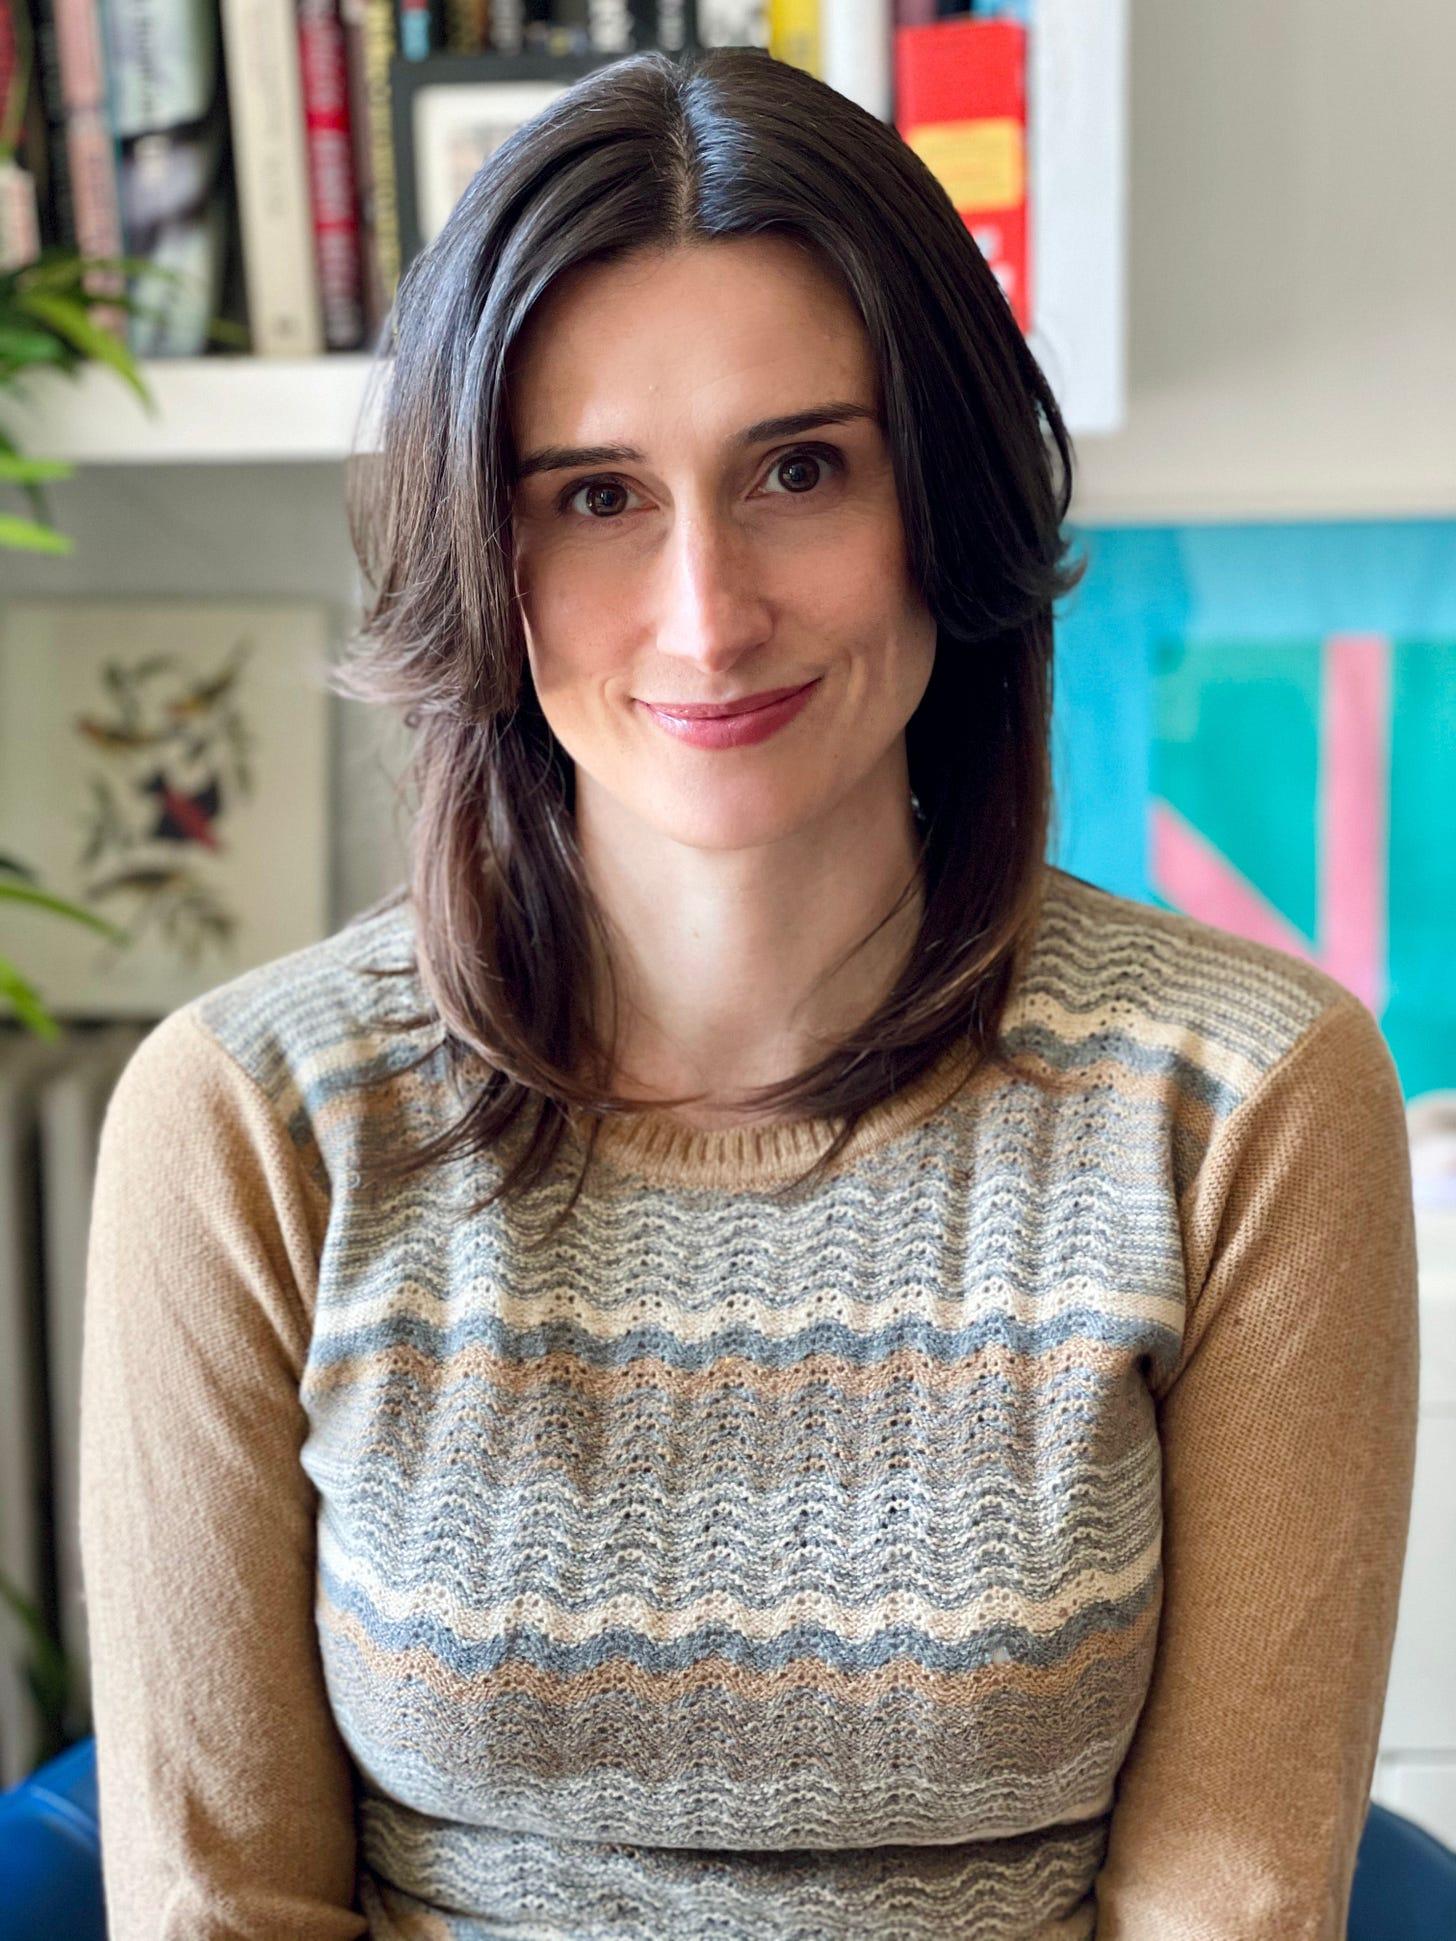 Katie Notopoulos